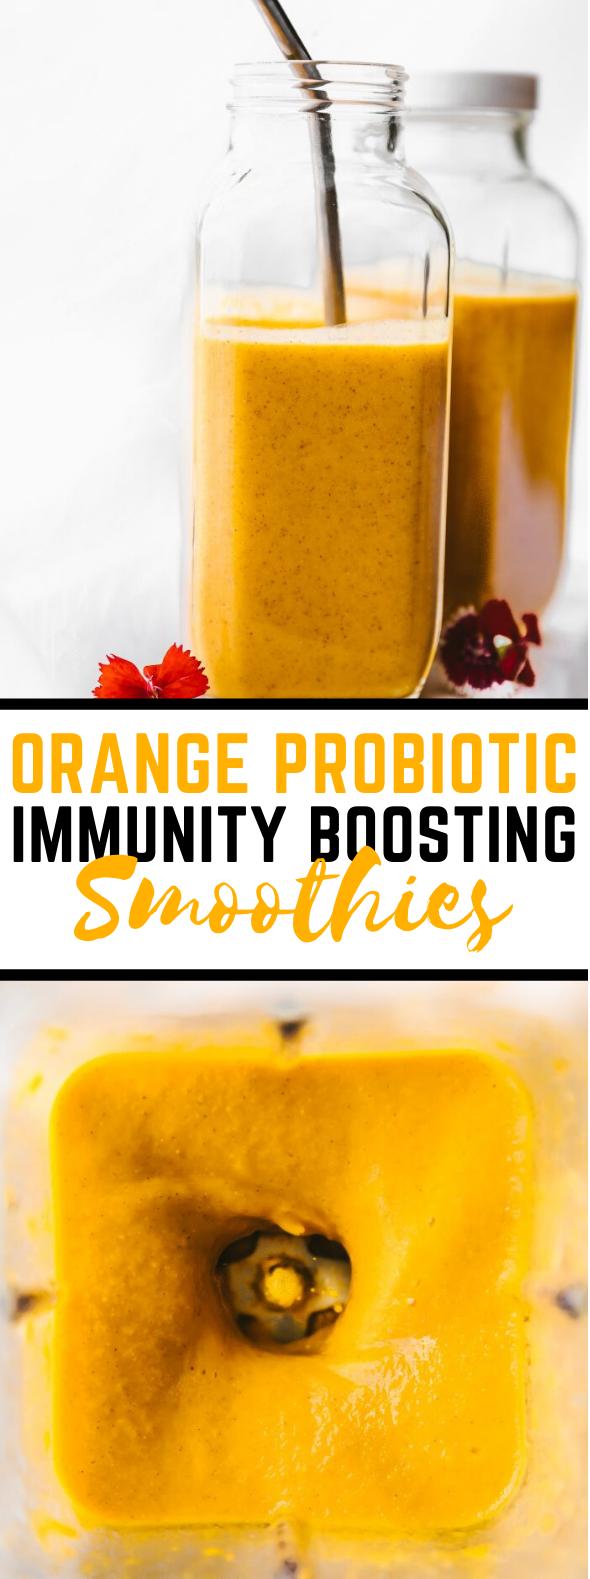 Orange Probiotic Immunity Boosting Smoothies #drinks #breakfast